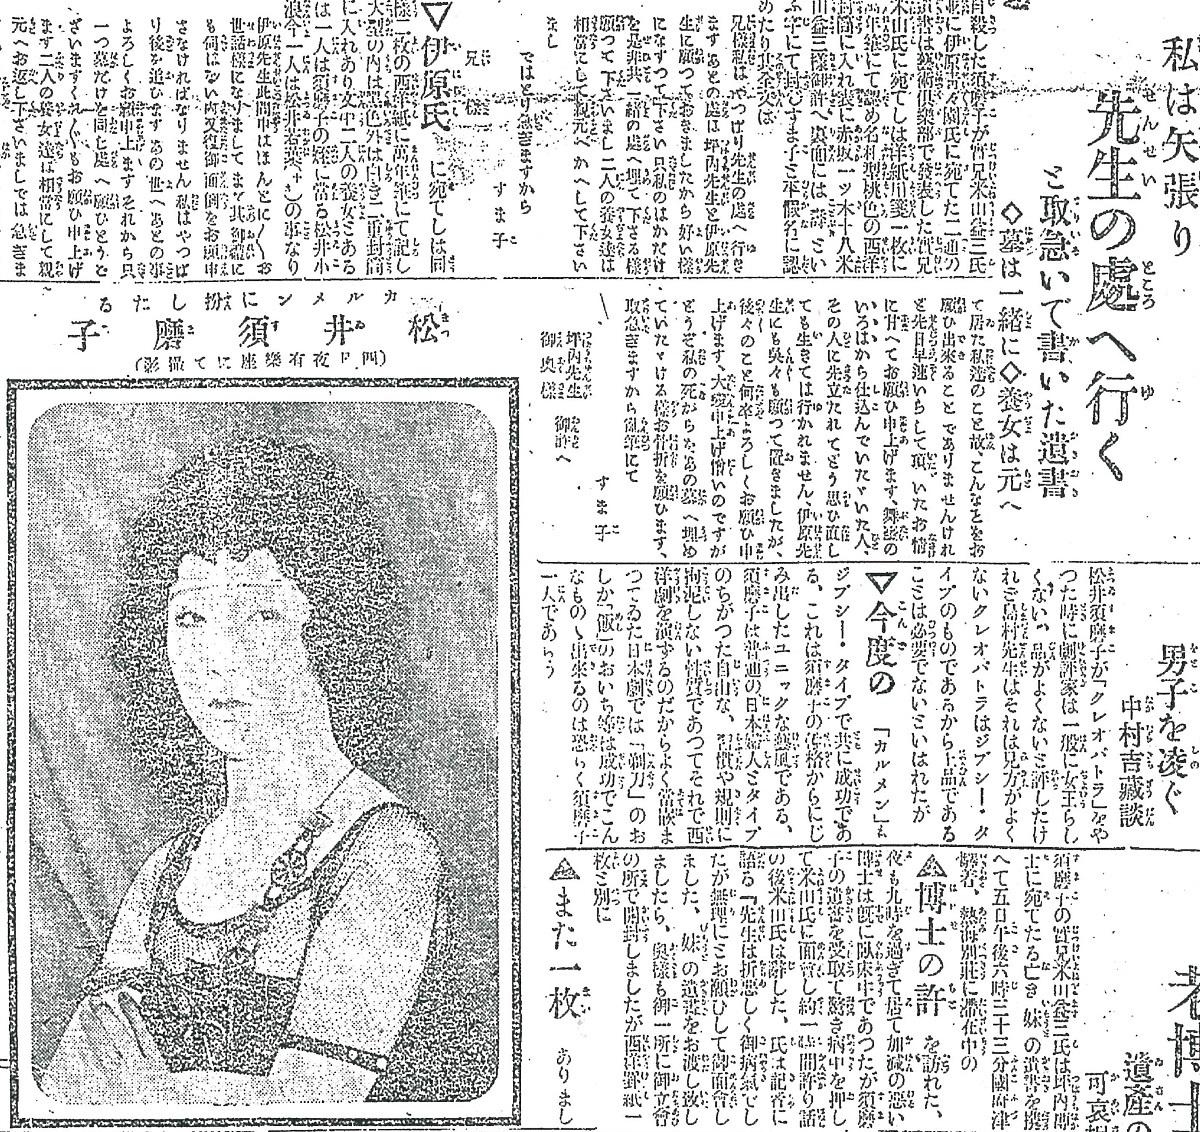 須磨子の後追い自殺を報じる『朝日新聞』 1919年(大正8)1月6日